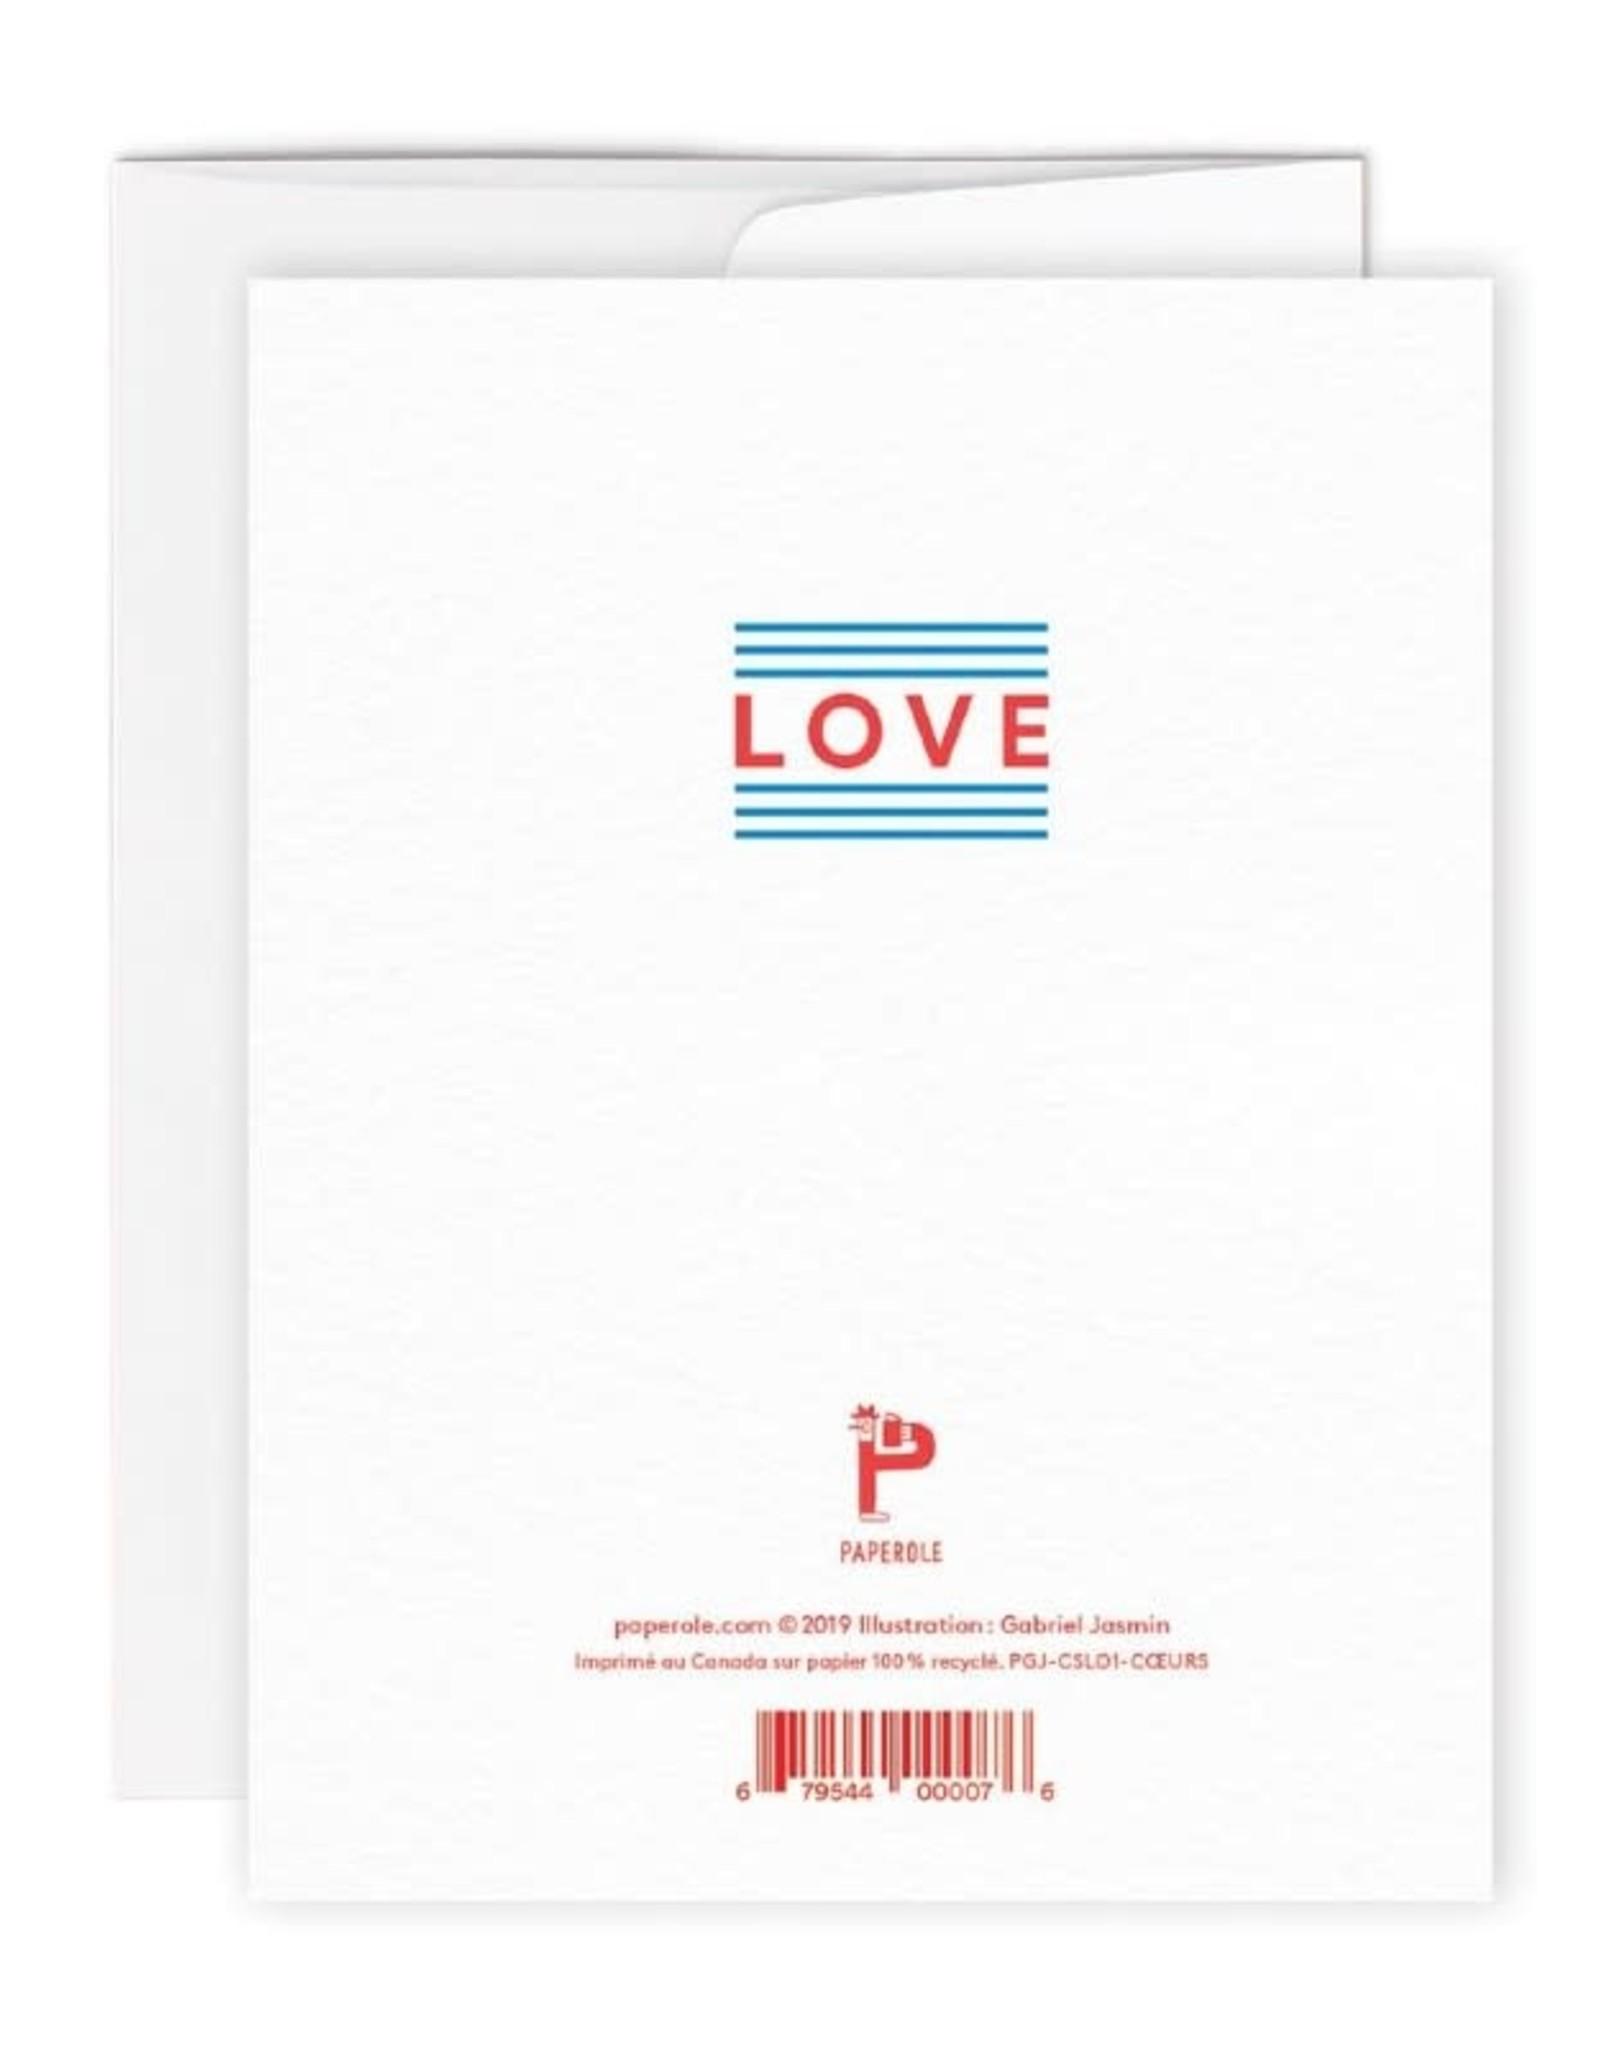 Paperole Carte de Souhait Coeurs Paperole